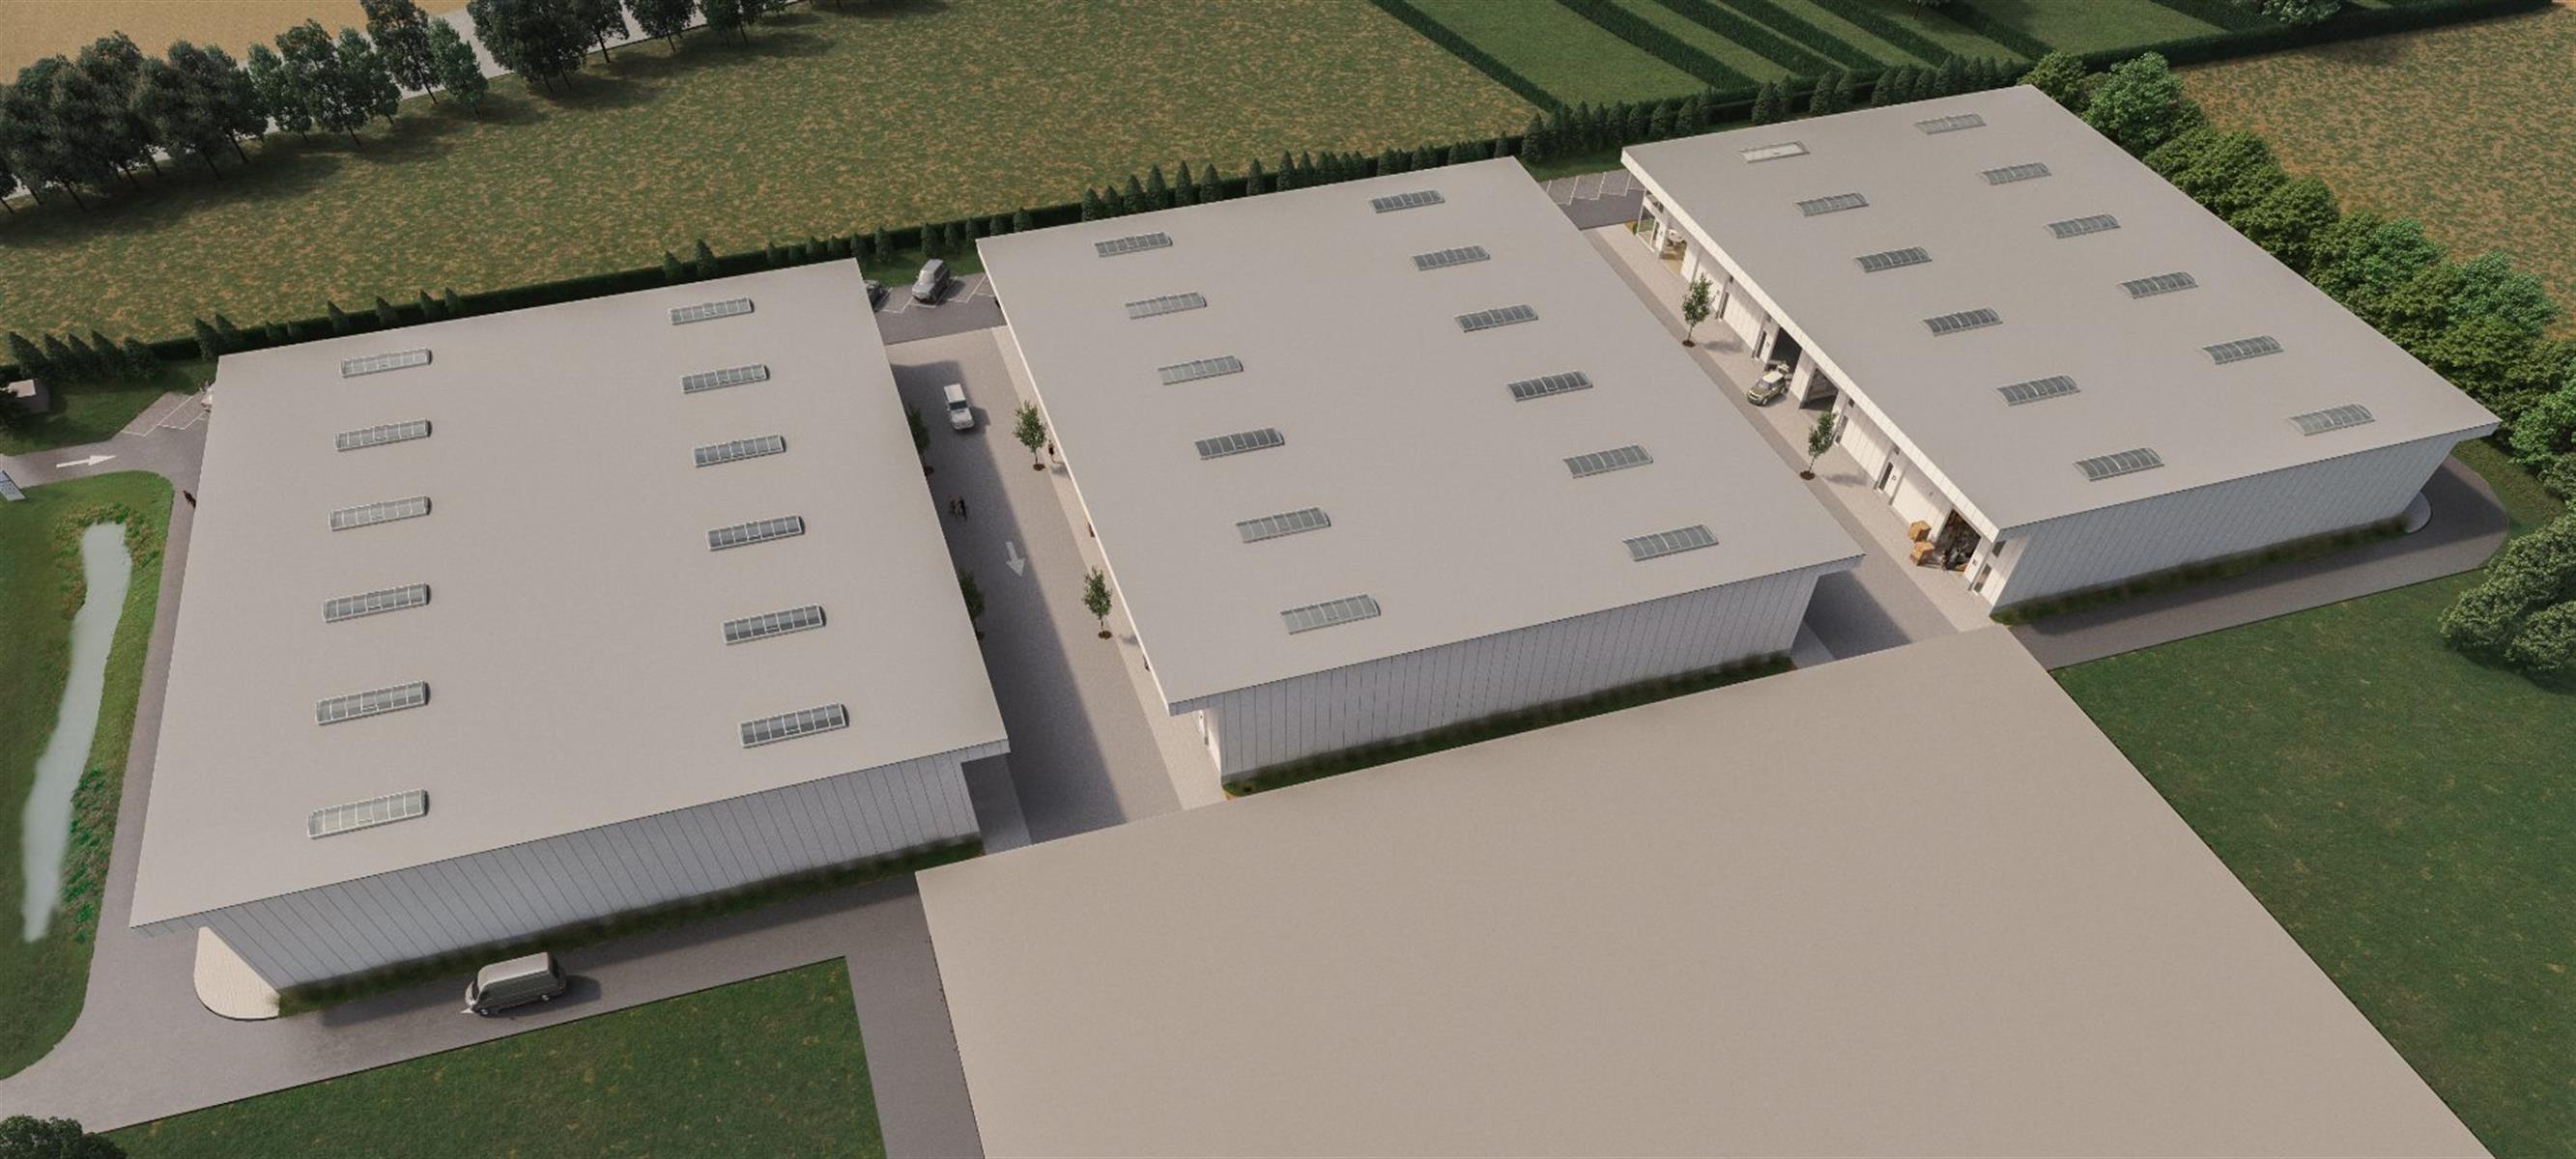 KMO-unit te koop UNIT 030 - Endepoelstraat 3, 3210 Lubbeek, België 22